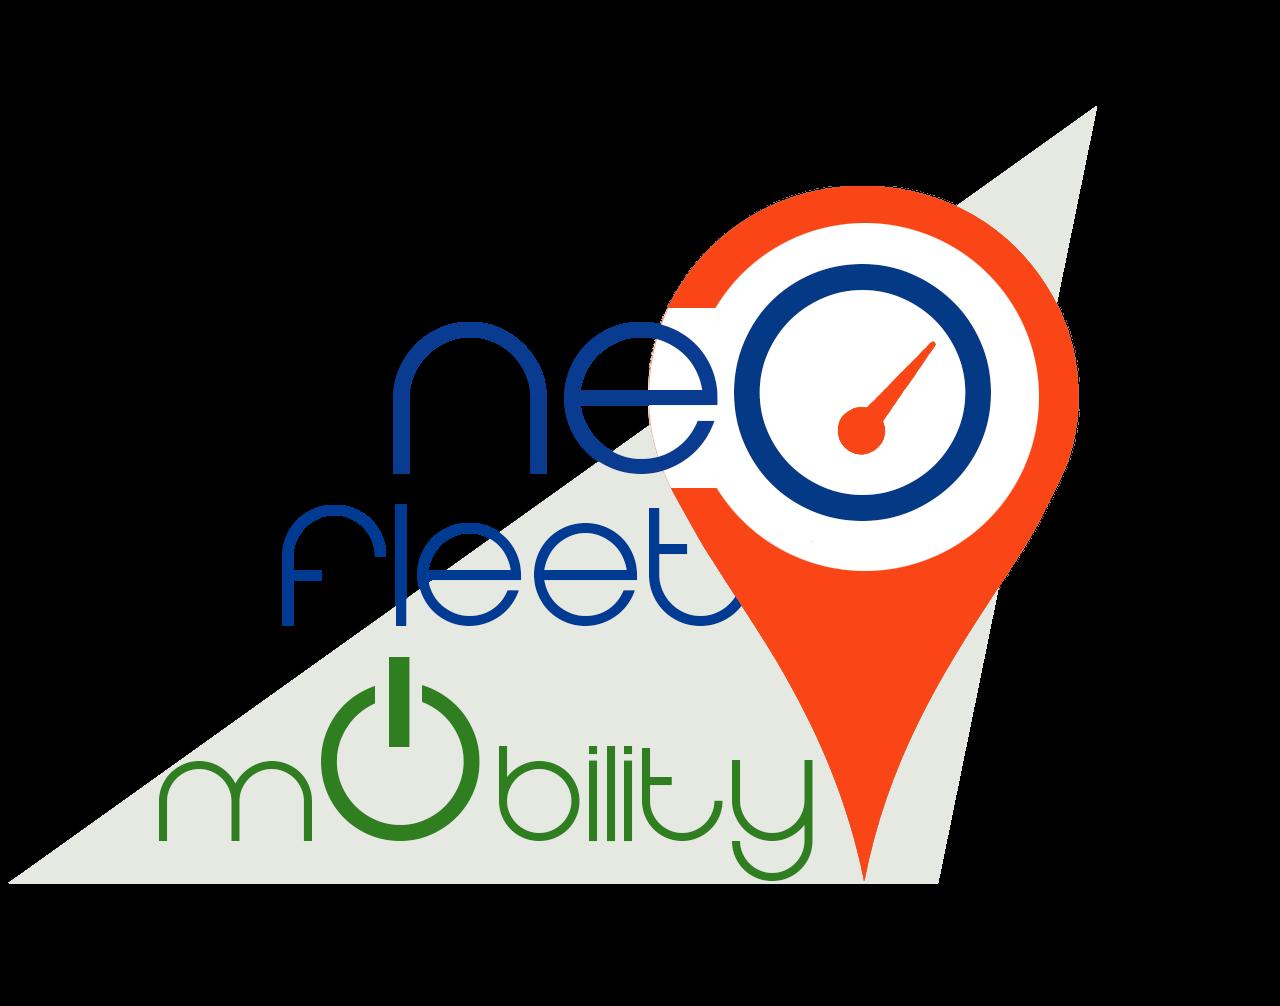 NeoFleetMobility